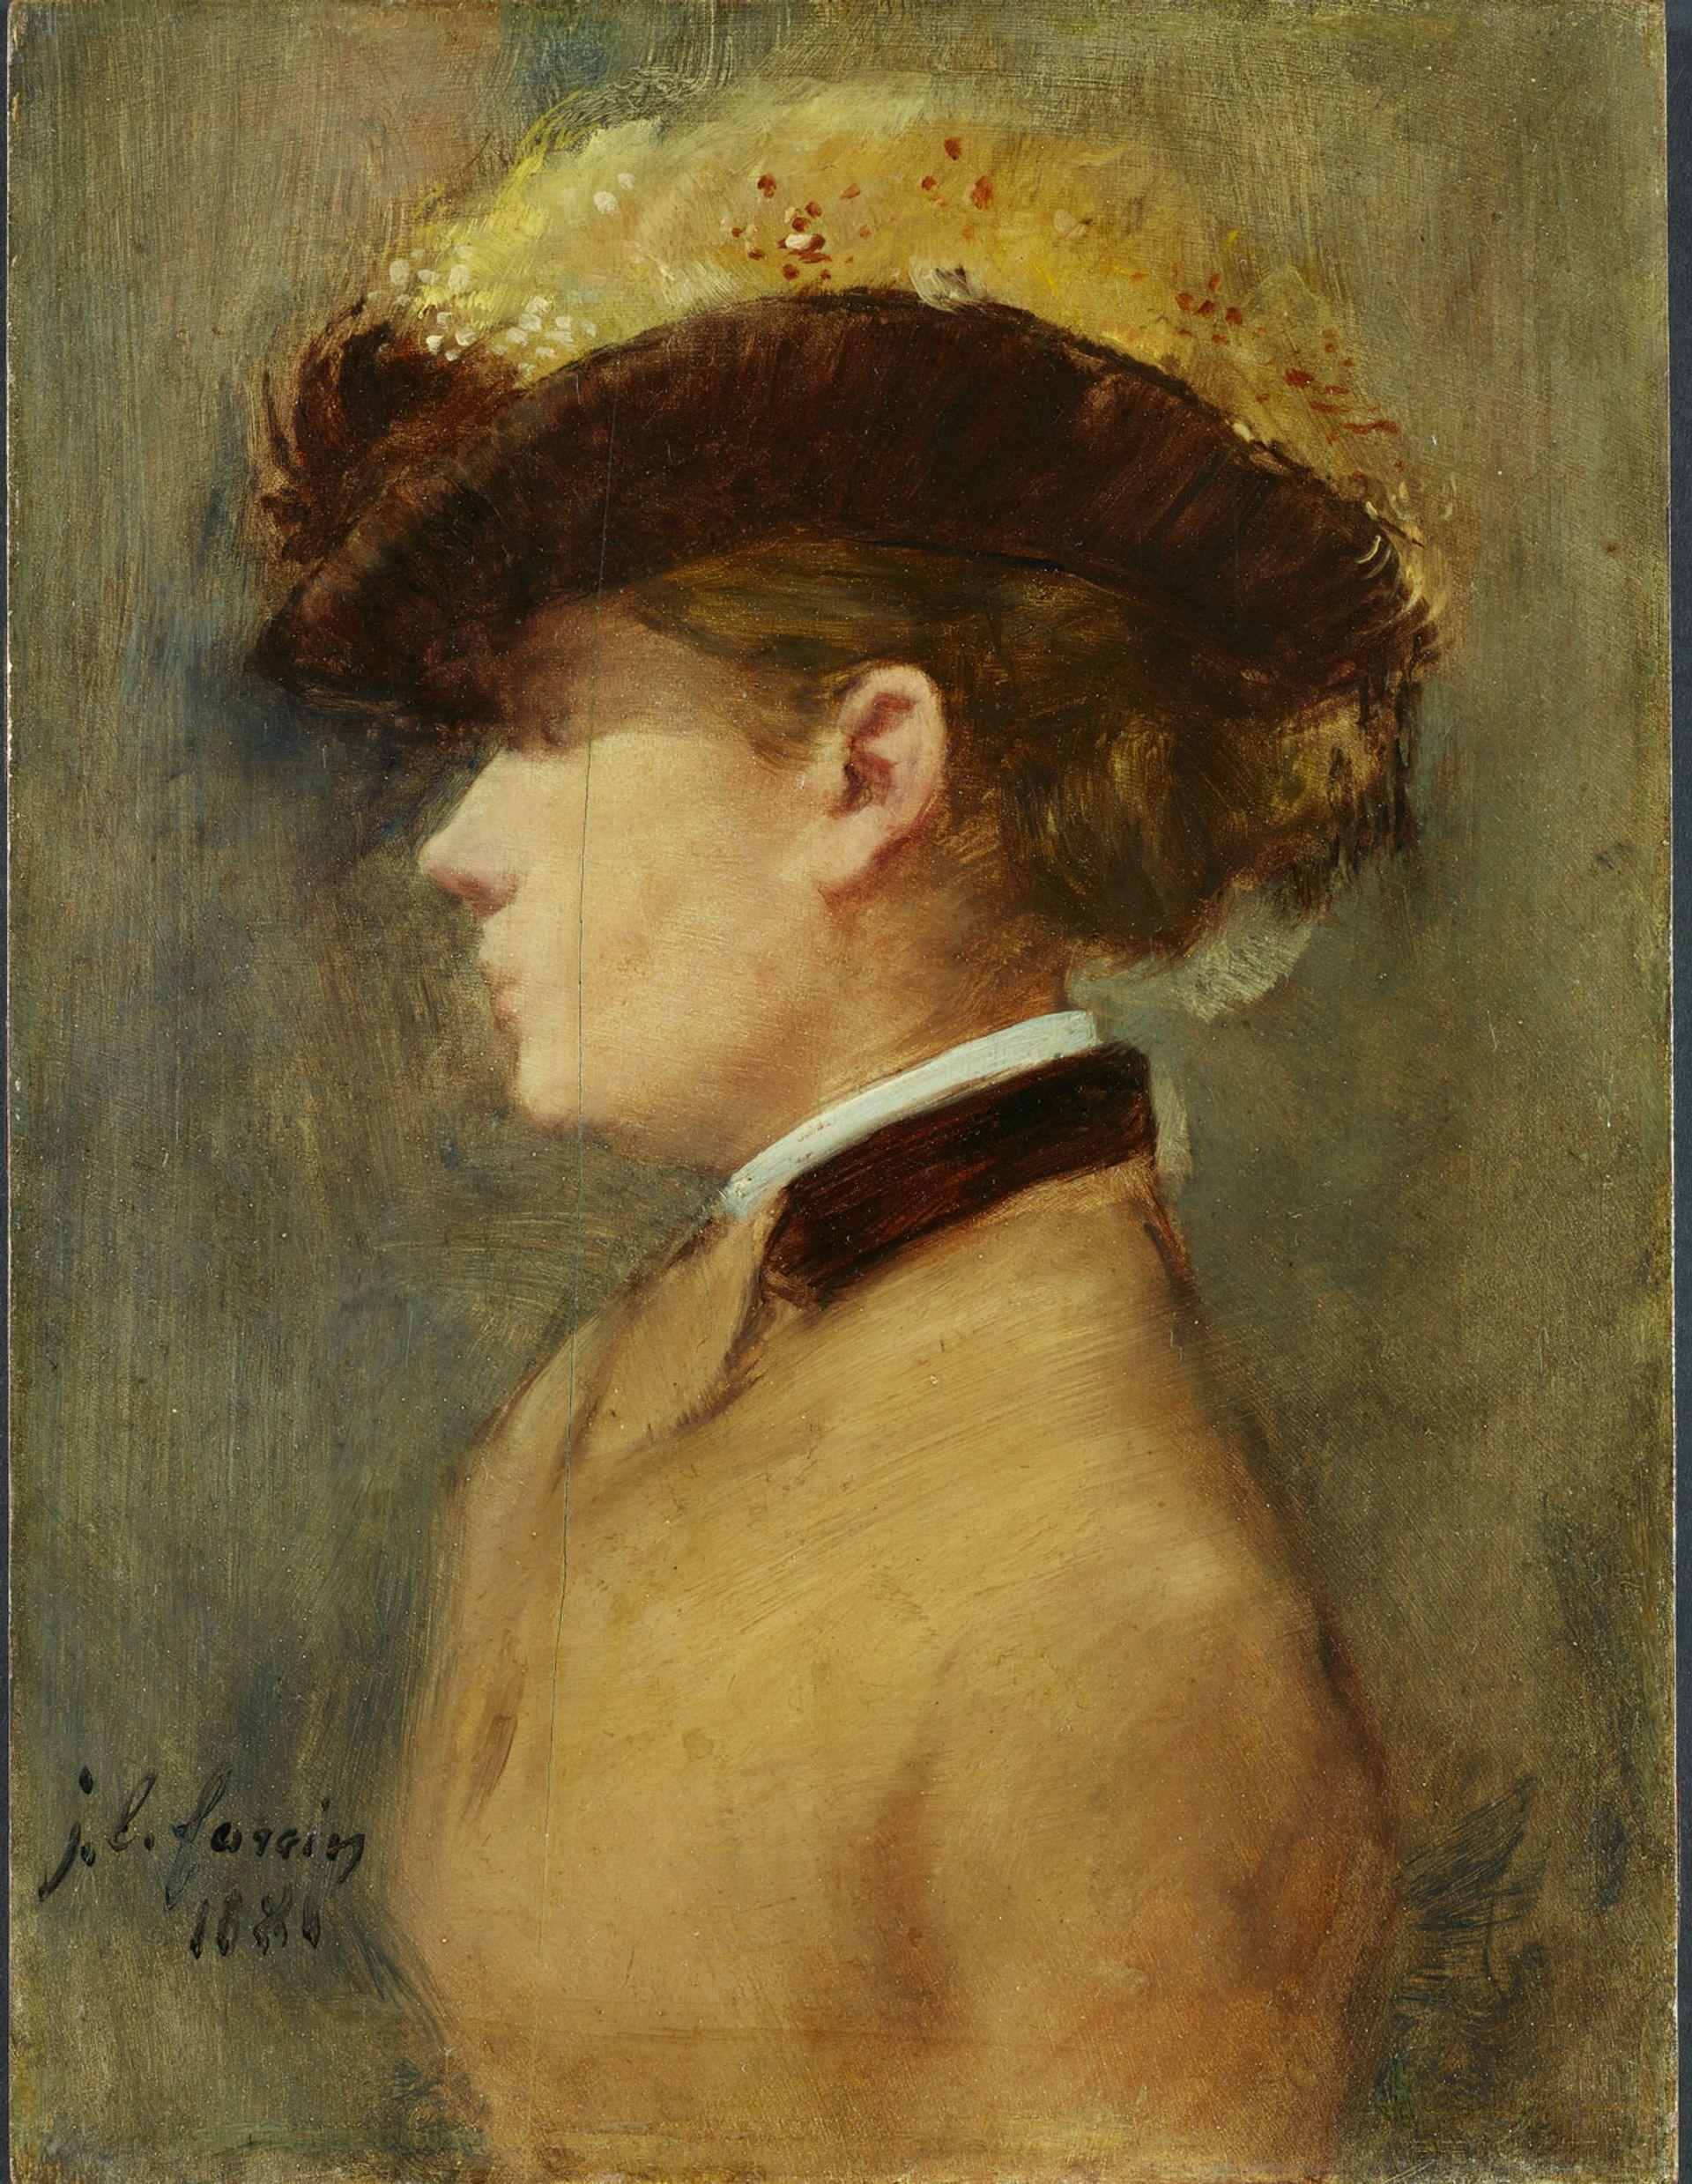 Jean-Louis Forain, Dame im Profil (woman in profile) © Mick Vincenz © Kunstmuseum Bern und Kunst- und Ausstellungshalle der Bundesrepublik Deutschland GmbH